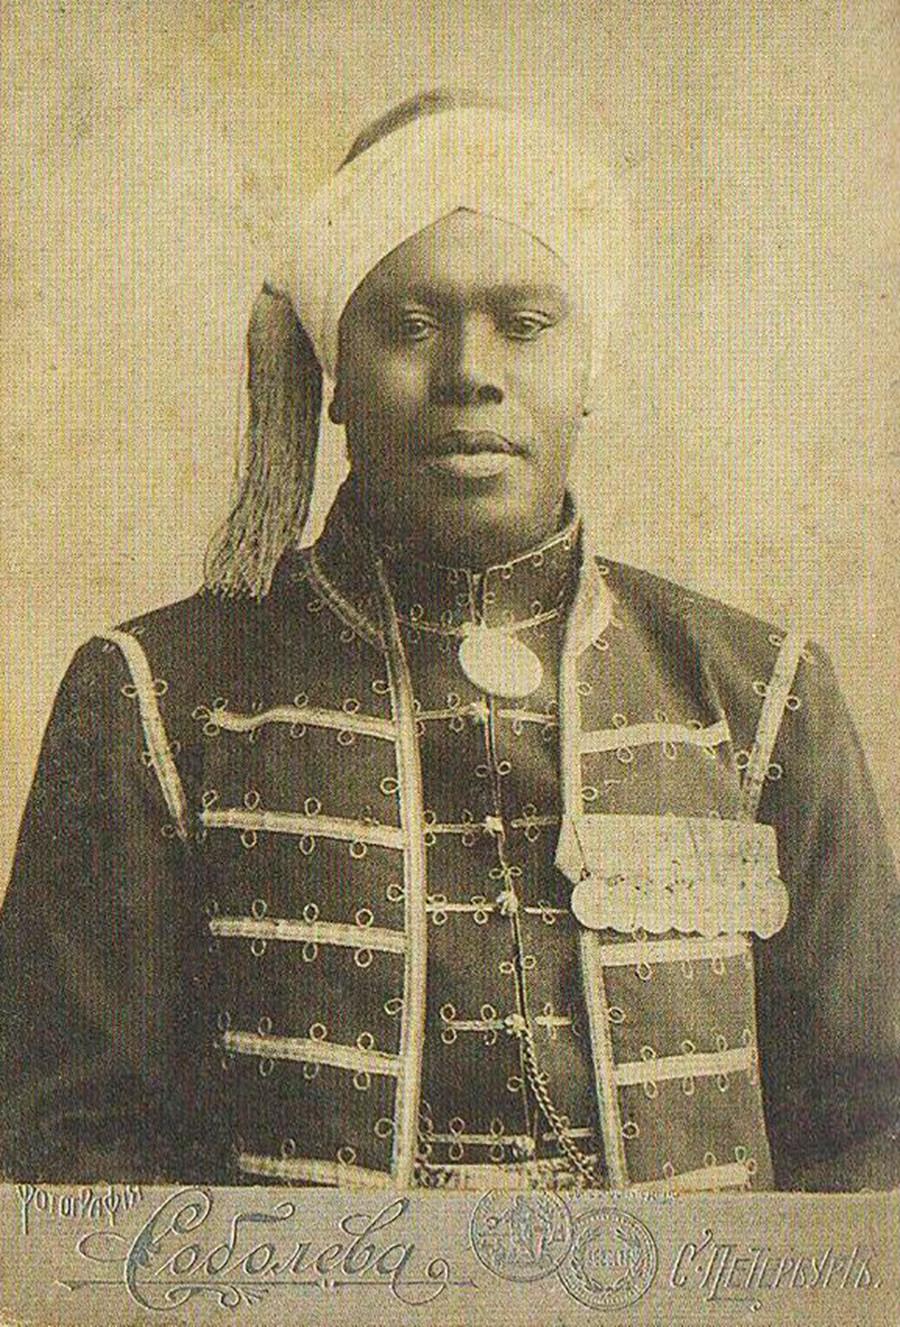 George Maria, de la colonia portuguesa de Cabo Verde, sirvió en la corte zarista durante muchos años.